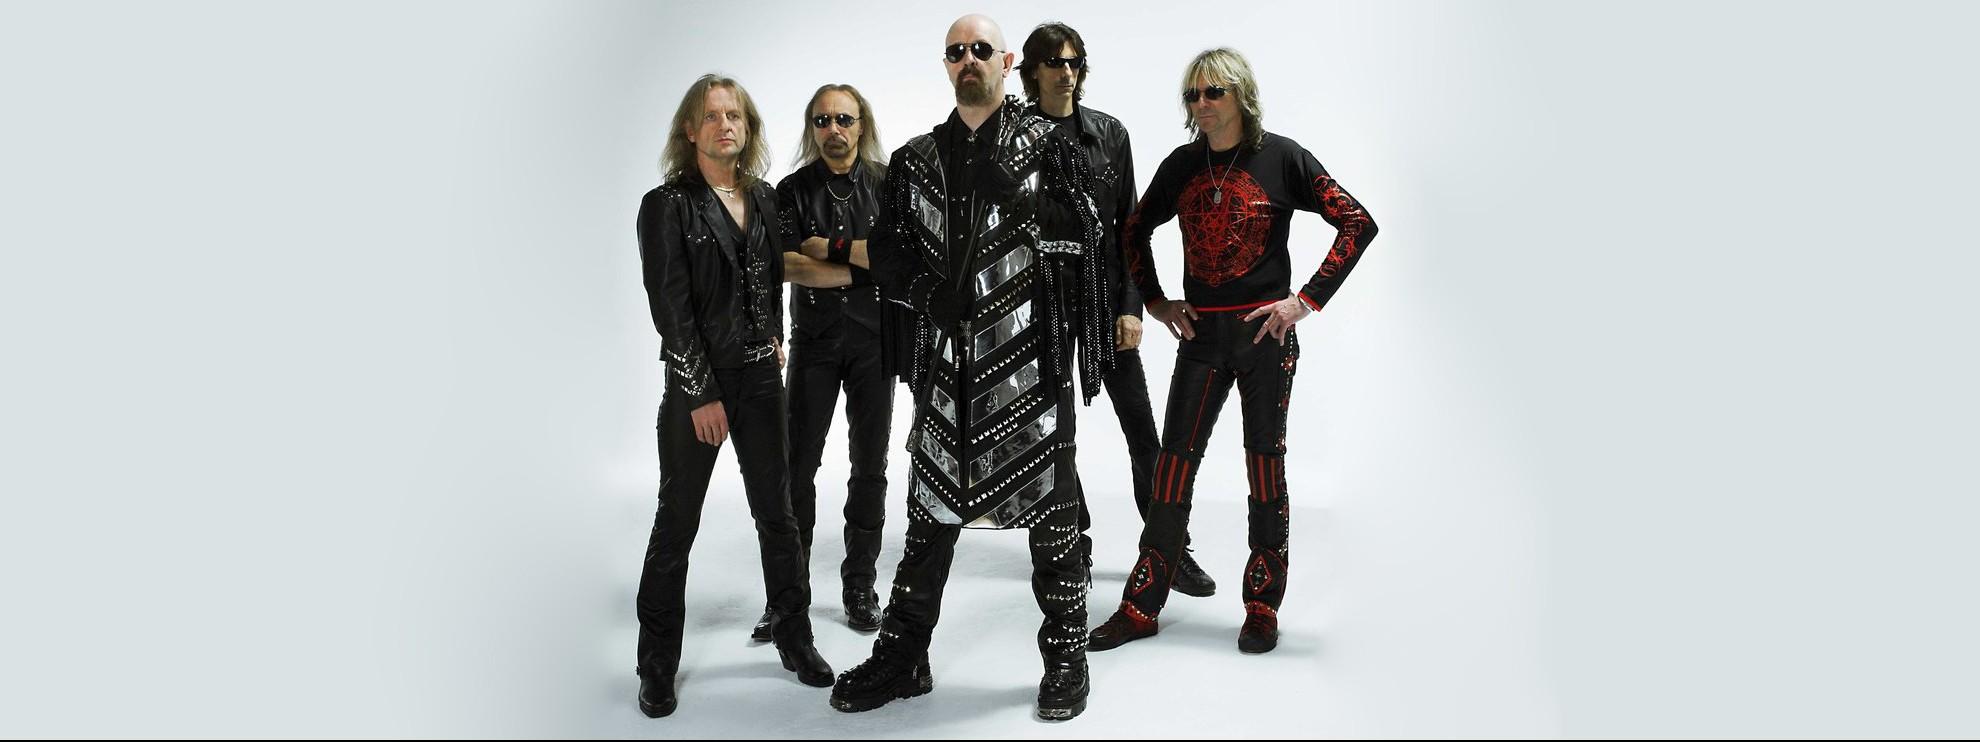 performer Judas Priest